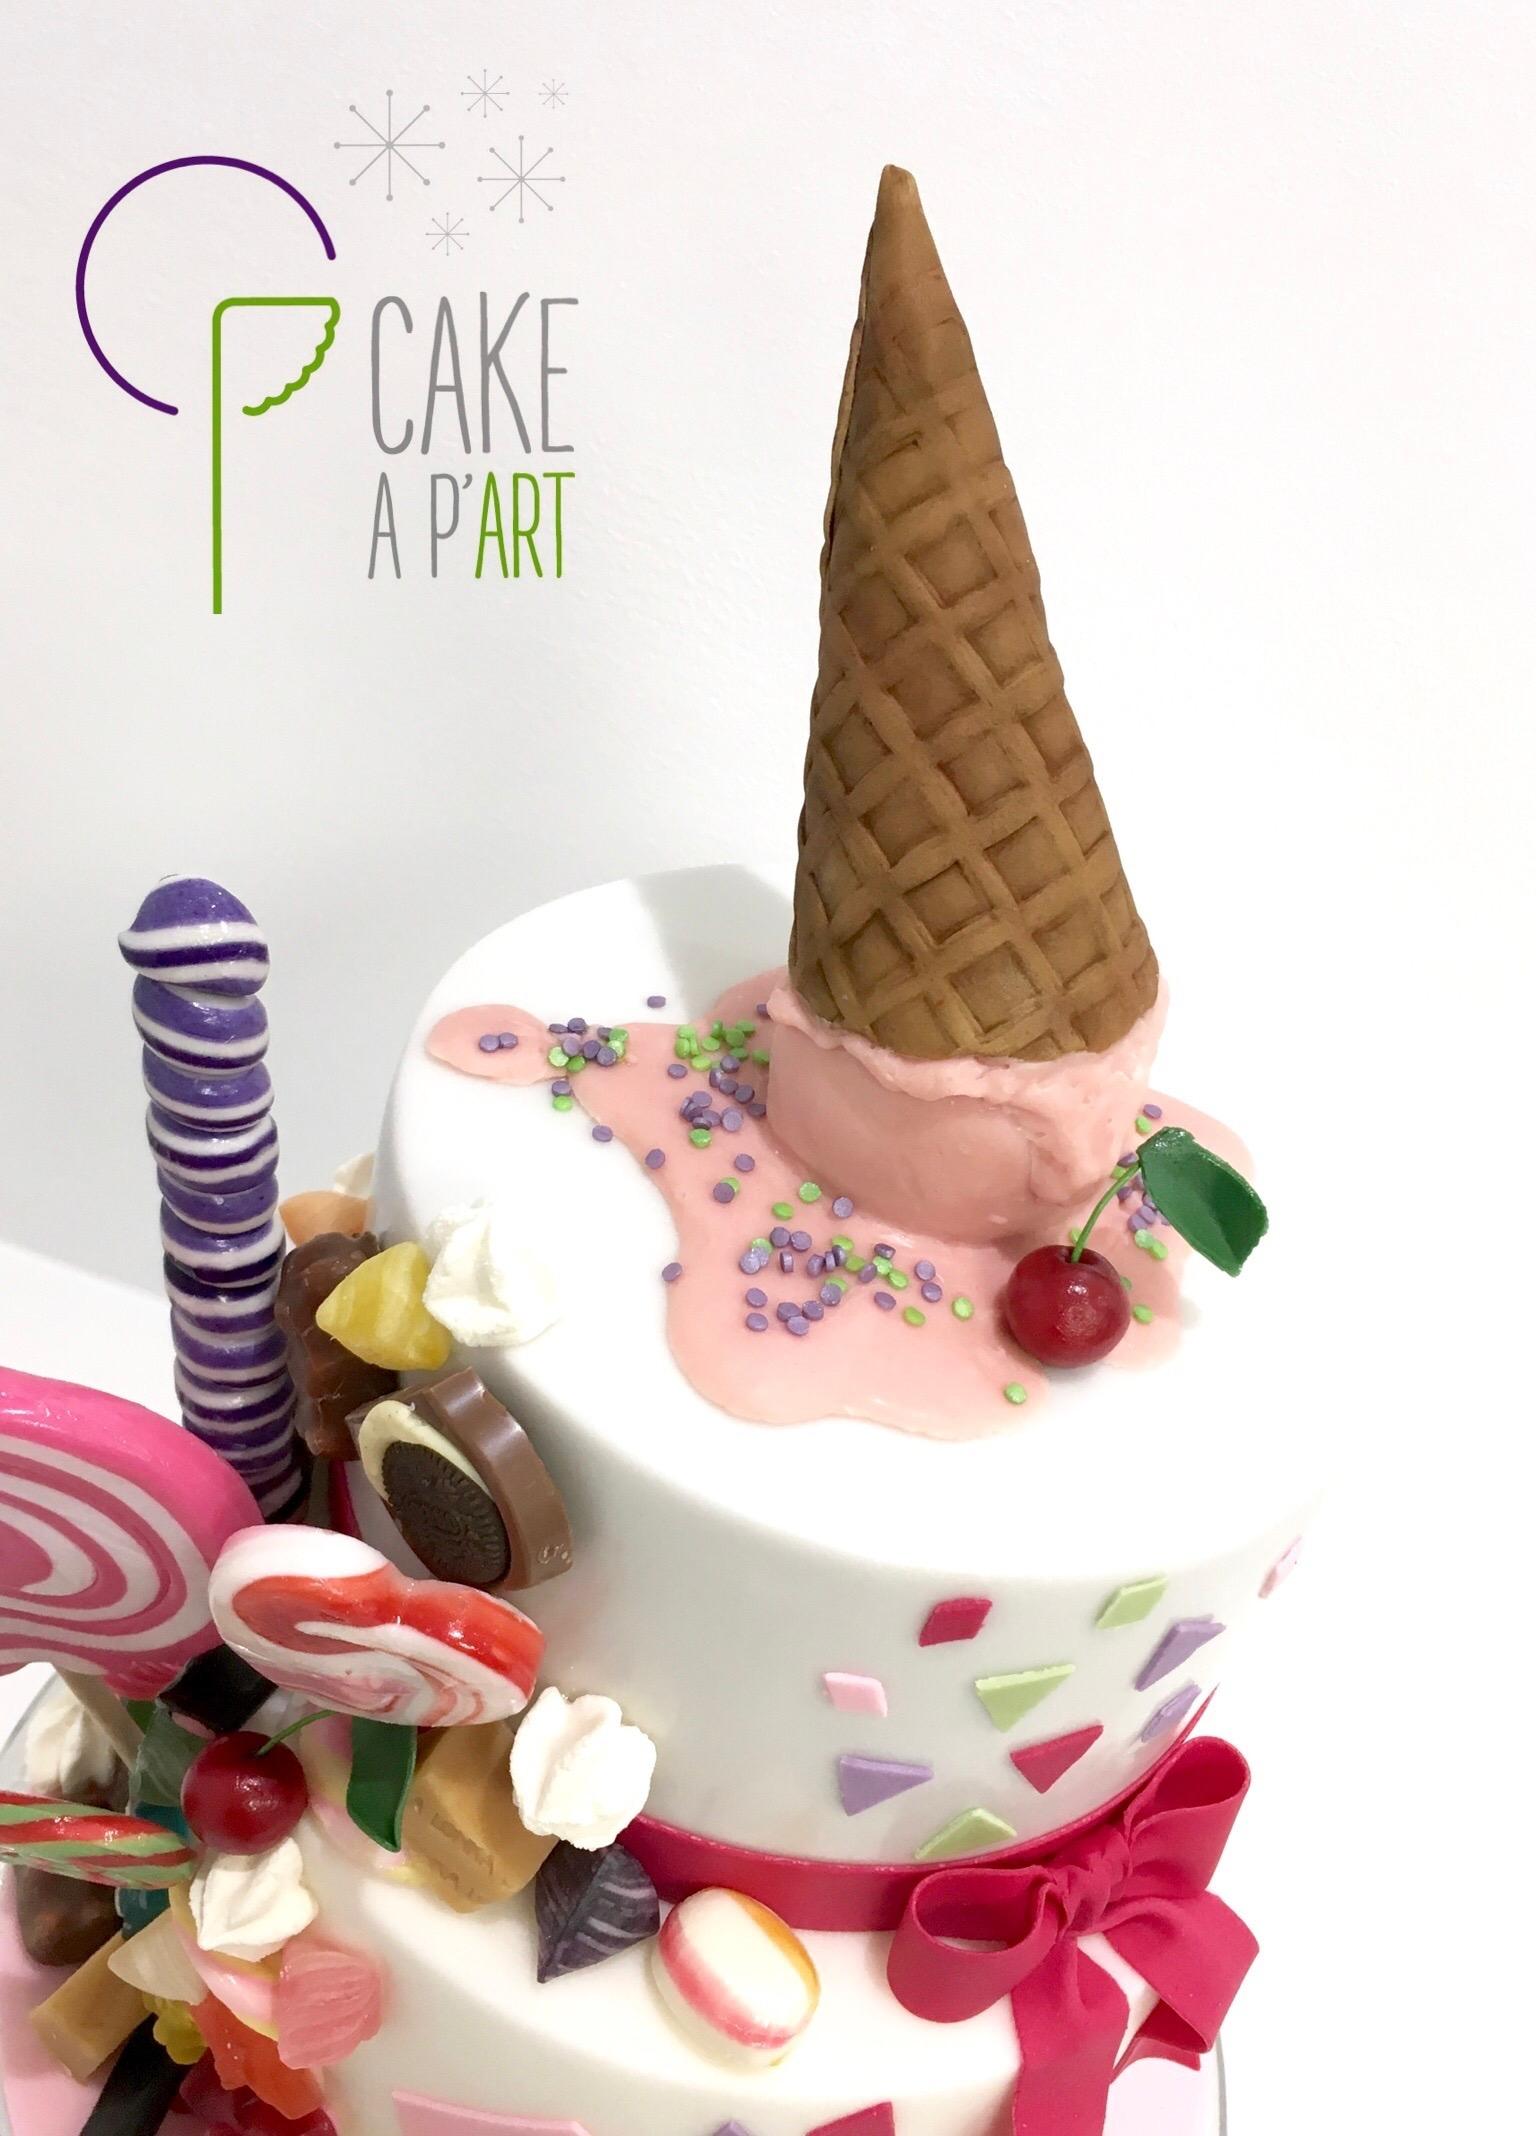 Décor modelage en sucre gâteaux personnalisés - Anniversaire Thème Cornet de glace et gourmandises